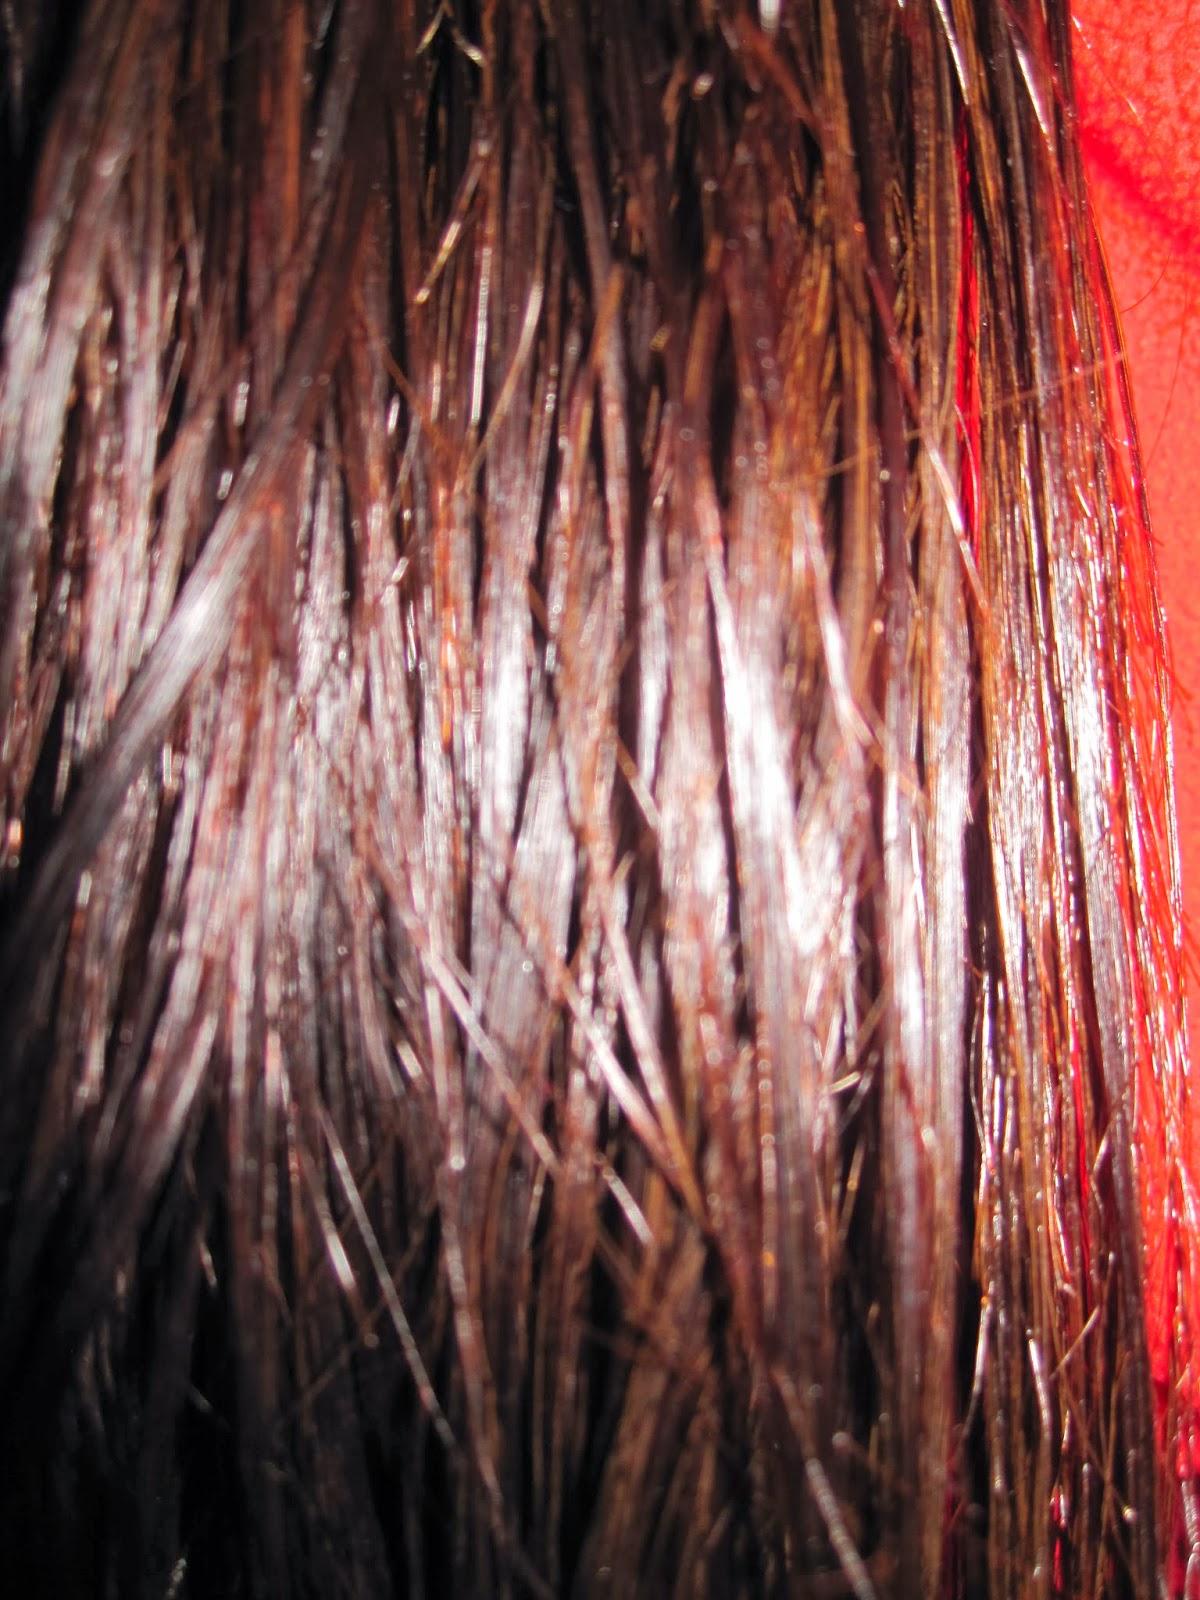 En el procedimiento de conseguir mas iluminación para la foto, se me congelo el pelo en el intento. Es el caso de la ultima foto, no lo notan duro?